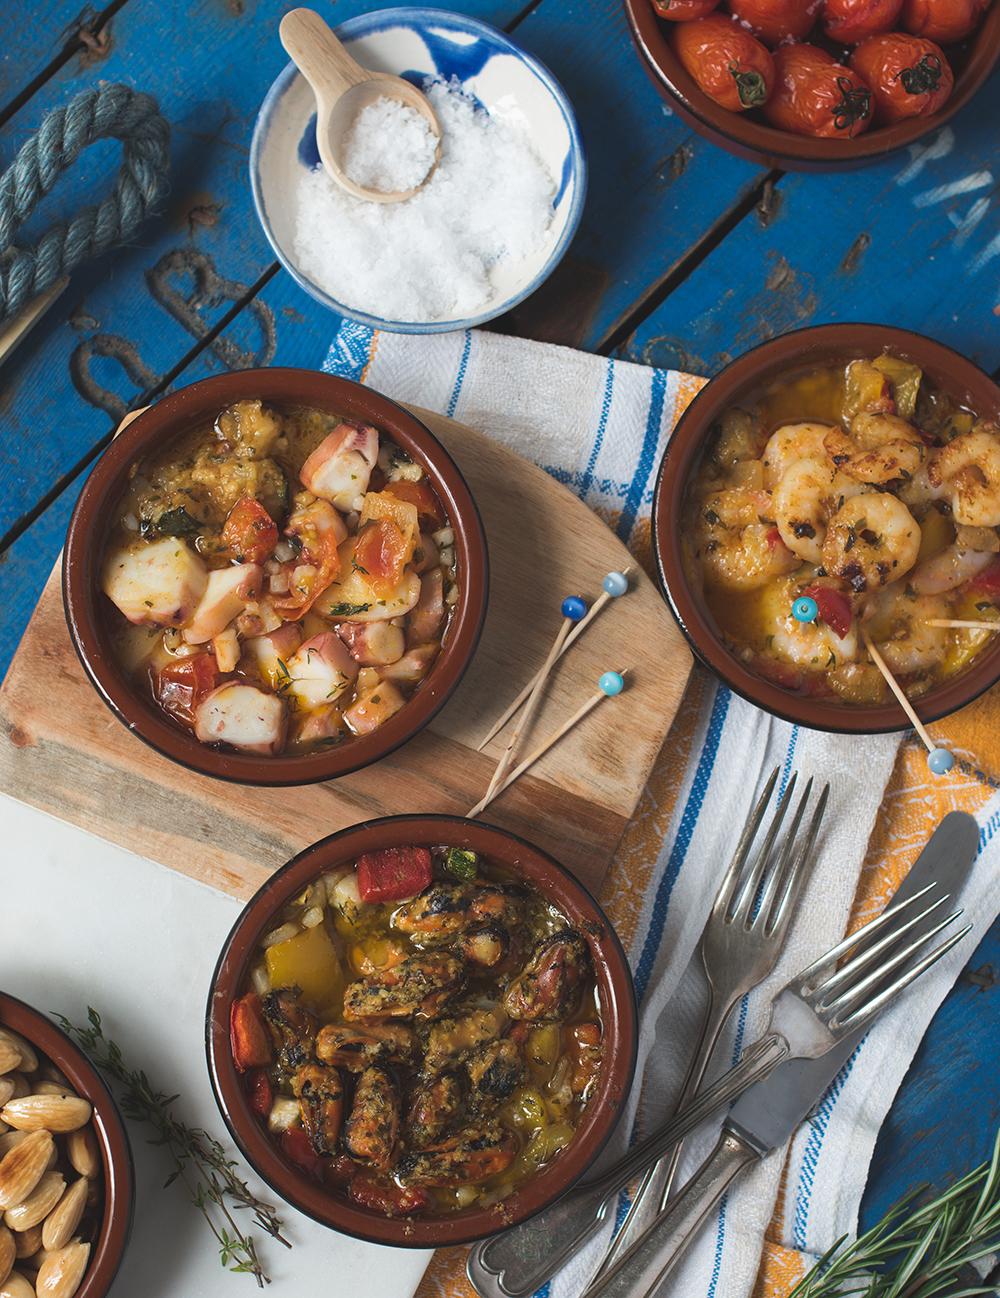 Genial einfacher Tapas Abend mit Frutti di Mare, Patatas Bravas, gebackenen Pilzen und Salzmandeln